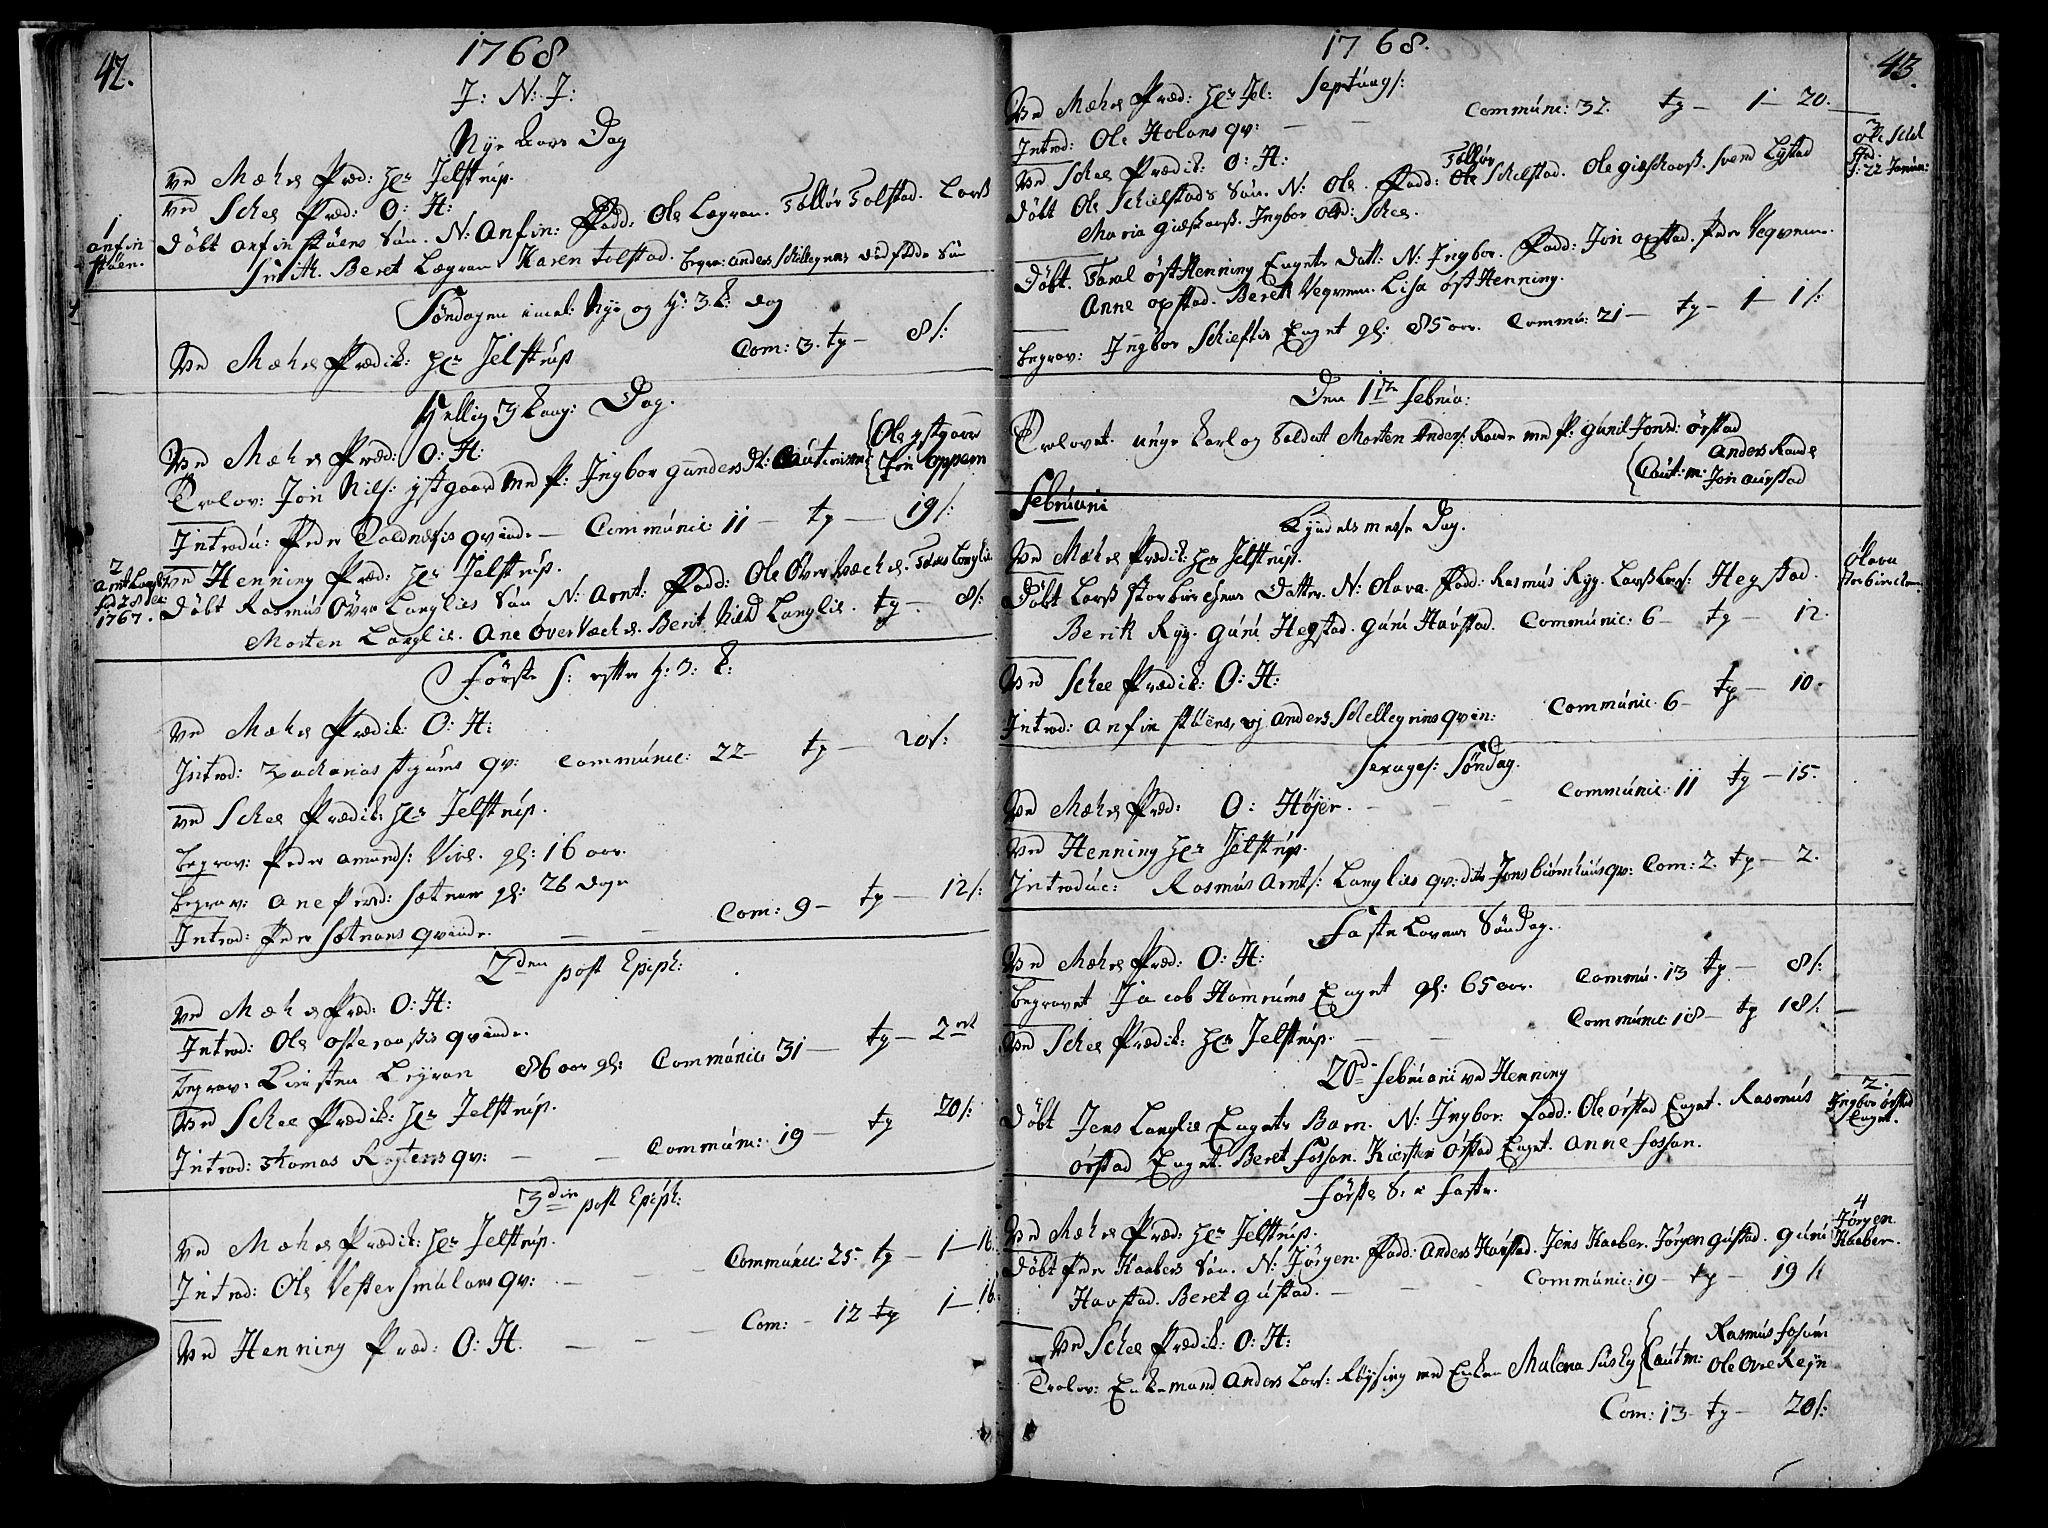 SAT, Ministerialprotokoller, klokkerbøker og fødselsregistre - Nord-Trøndelag, 735/L0331: Ministerialbok nr. 735A02, 1762-1794, s. 42-43